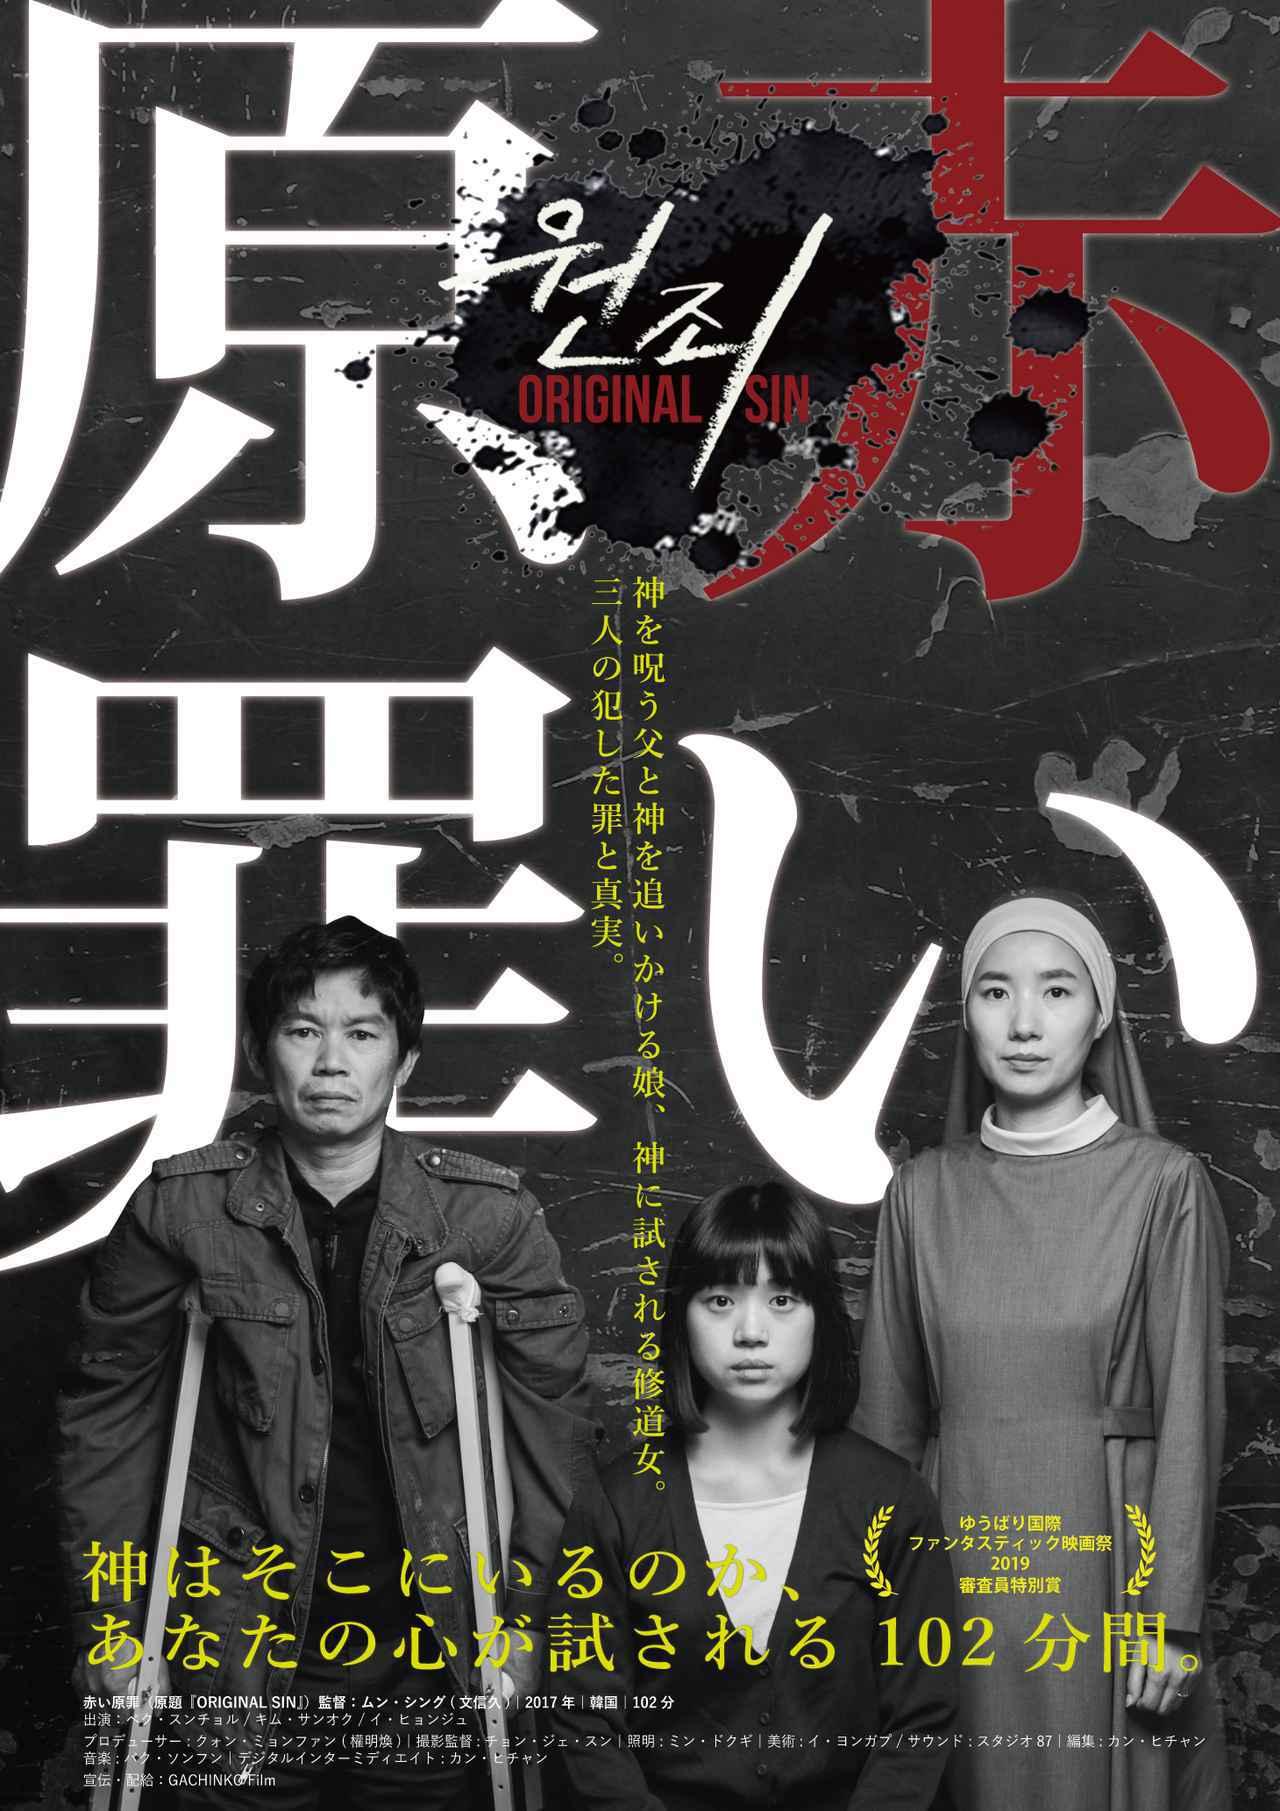 """画像1: """"ゆうばり""""で審査員特別賞を受賞!韓国で全うな評価を受けず、韓国内の宗教界に一石を投じた怪作『赤い原罪』-監督&プロデューサーからメッセージ到着!"""